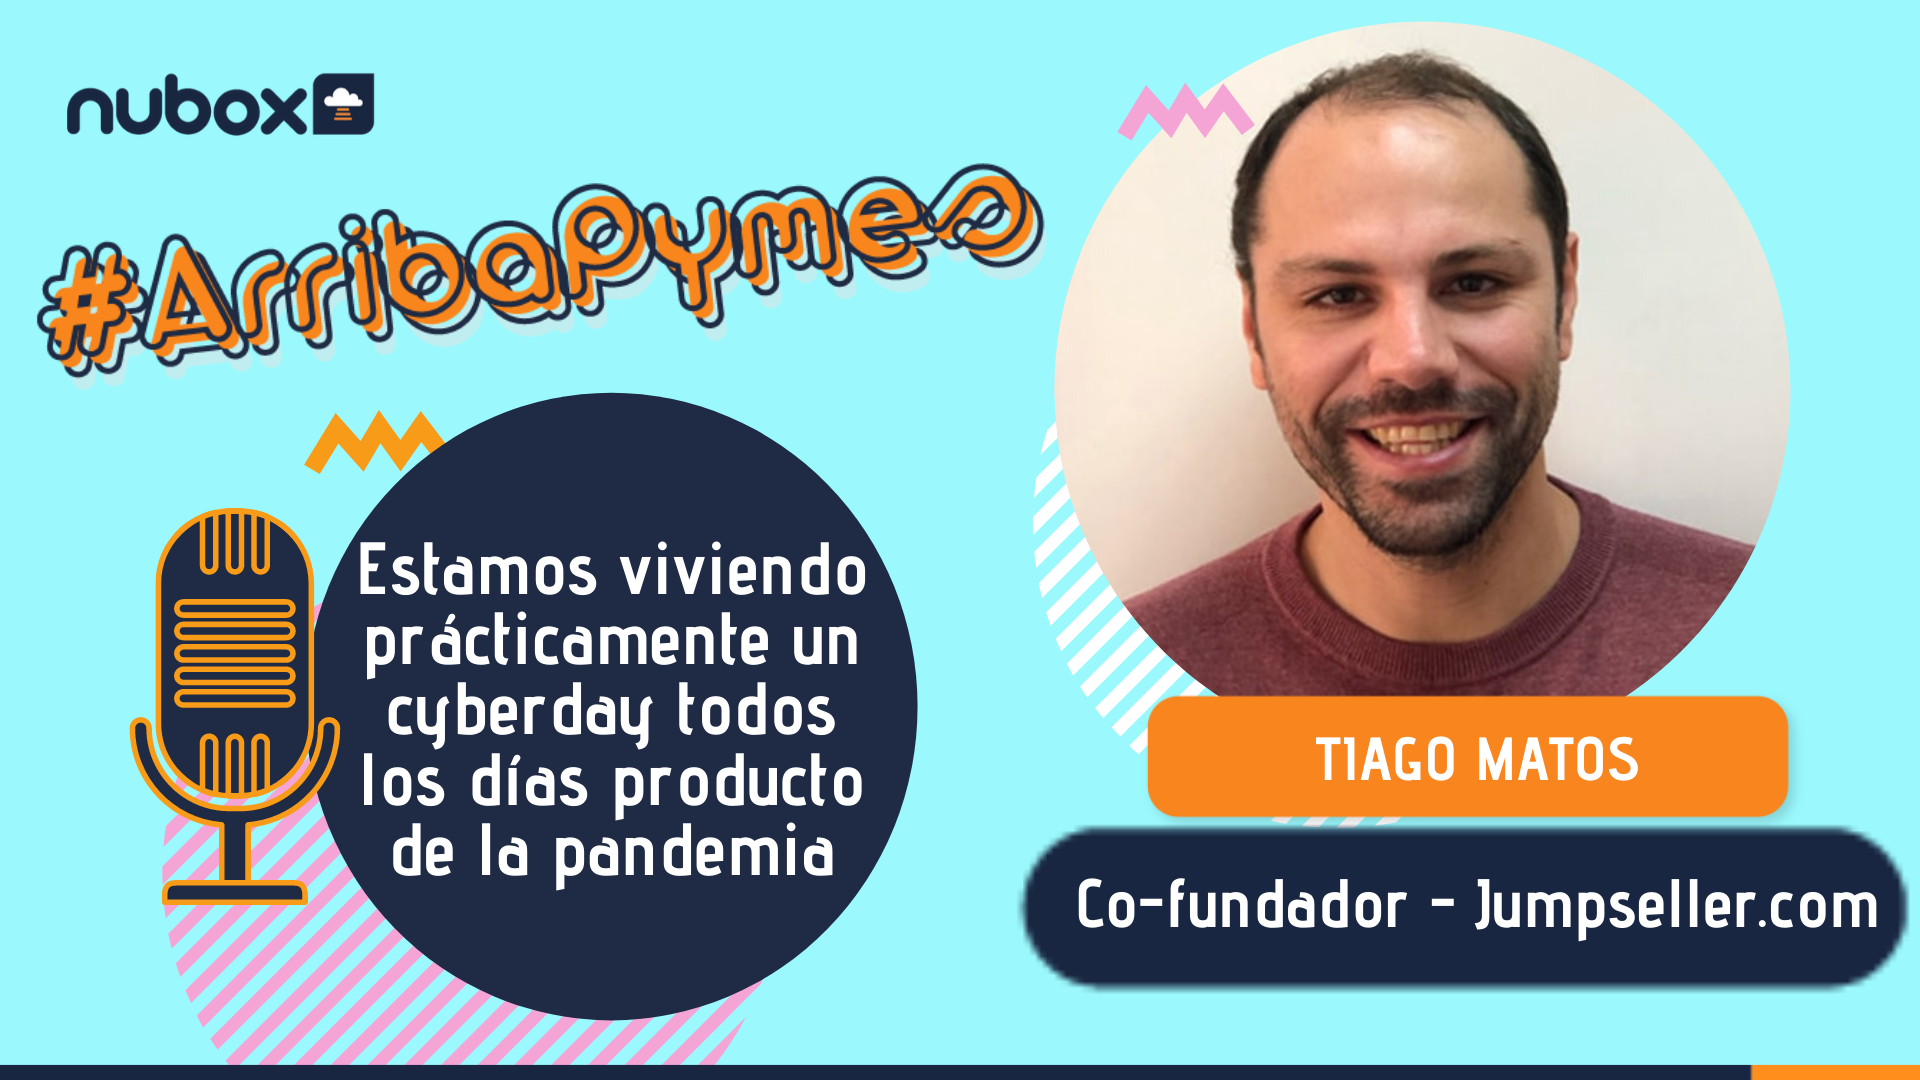 Tiago Matos: Estamos viviendo un cyberday todos los días producto de la pandemia